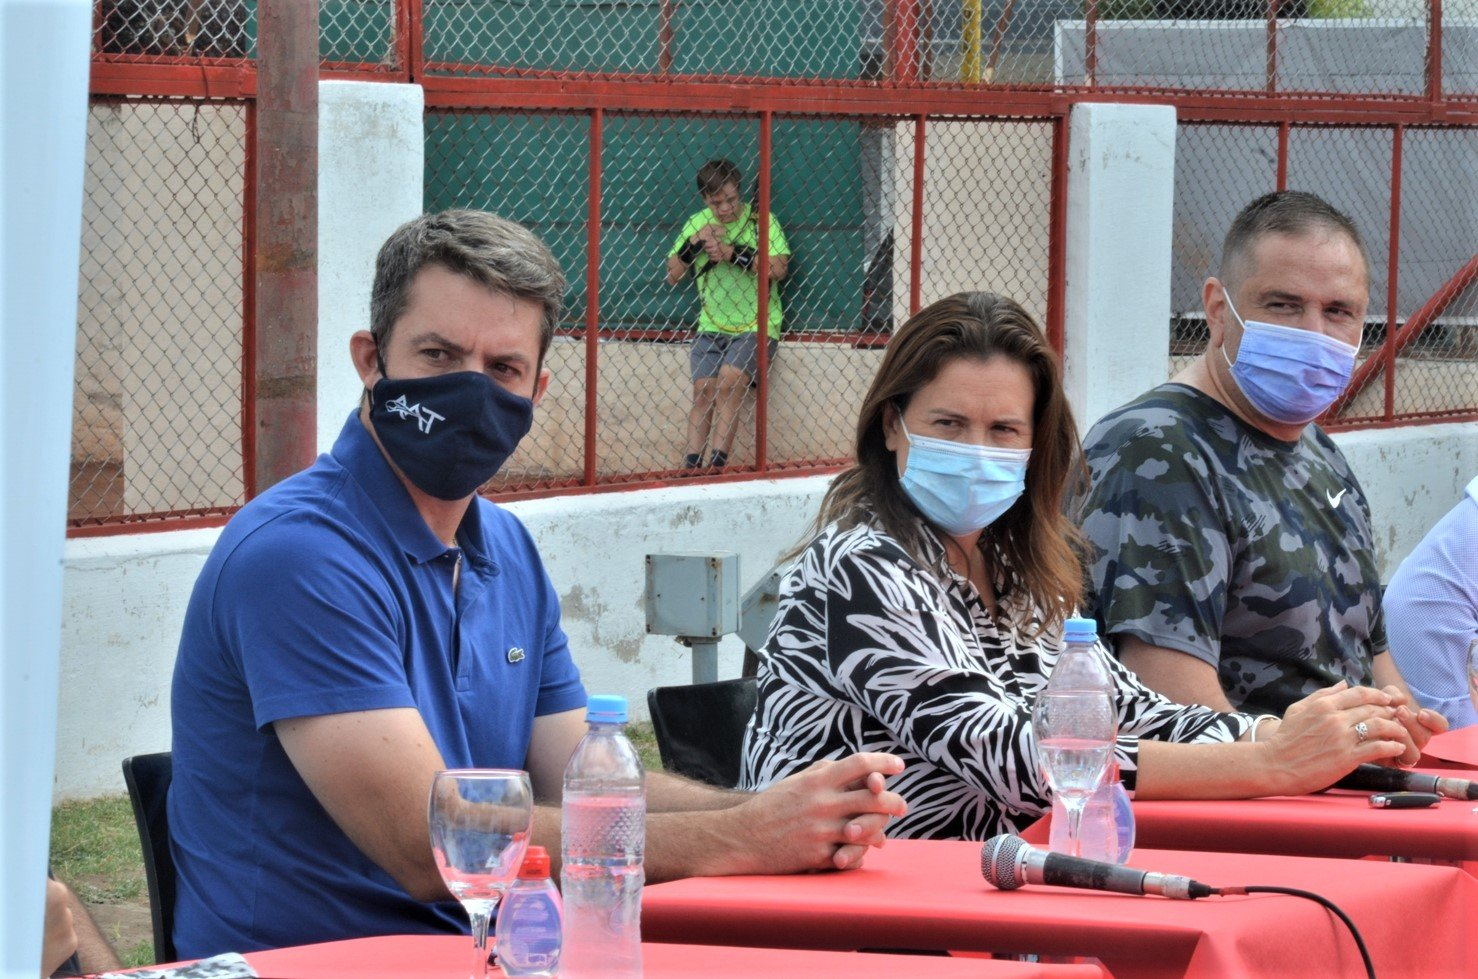 Con la visita de Agustín Calleri, se presentó oficialmente la flamante Federación Pampeana de Tenis en General Pico